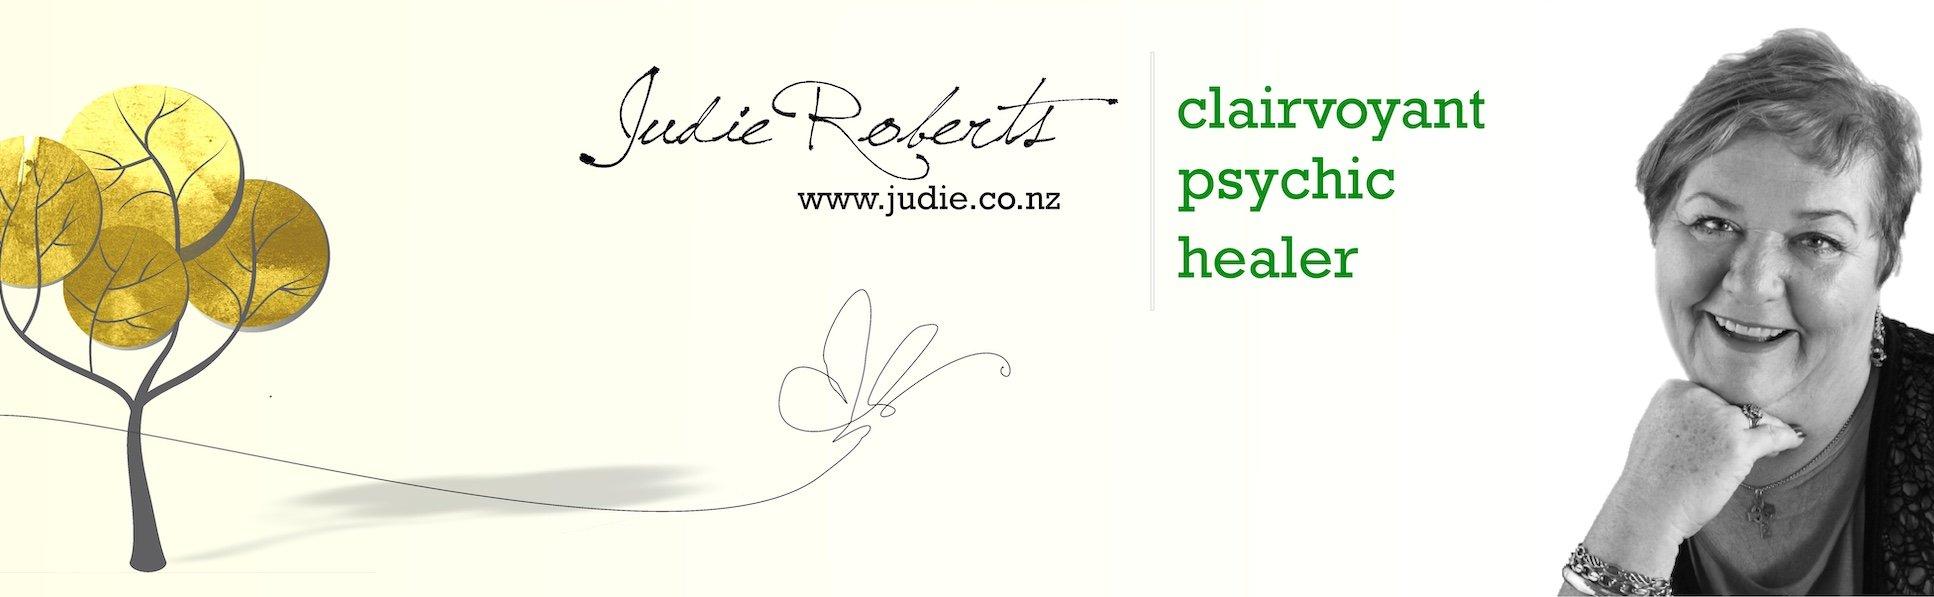 Judie Roberts Psychic, Clairvoyant & Healer